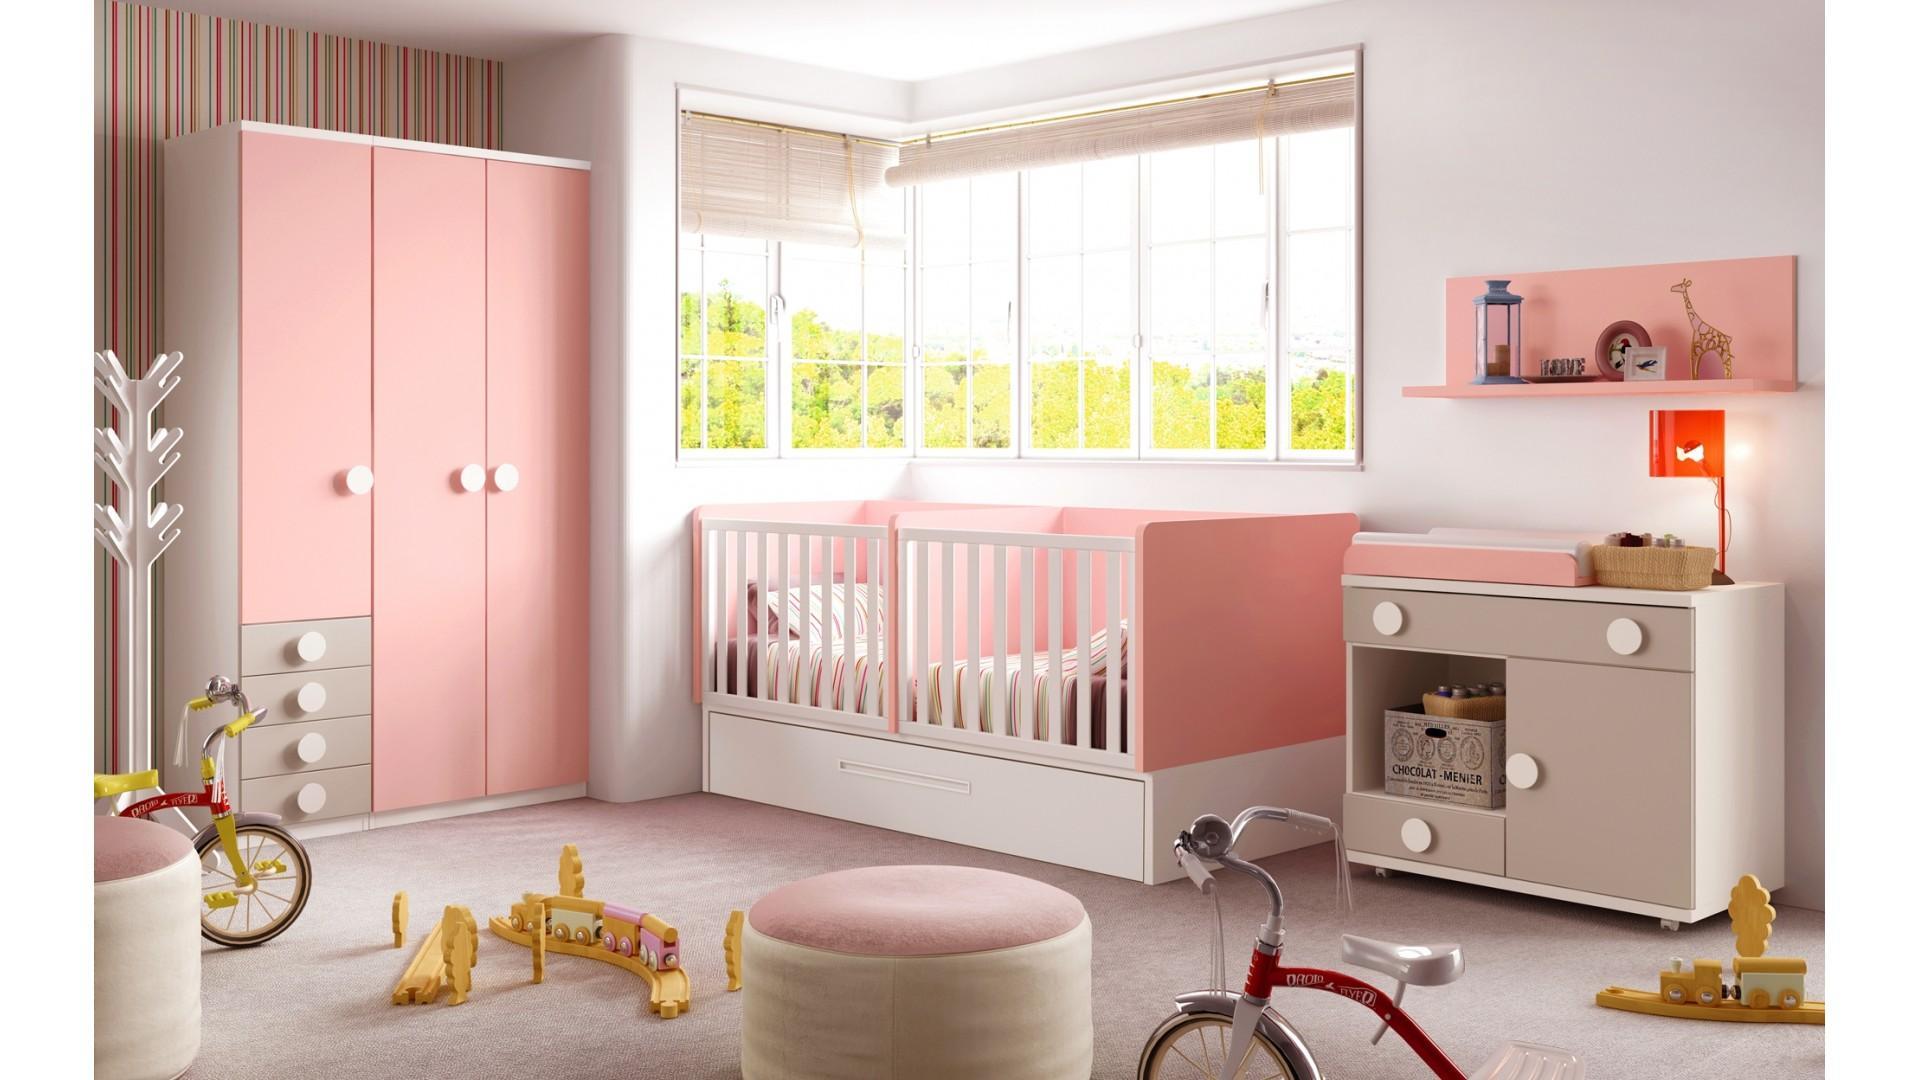 en popüler kız bebek odası dekorasyonu